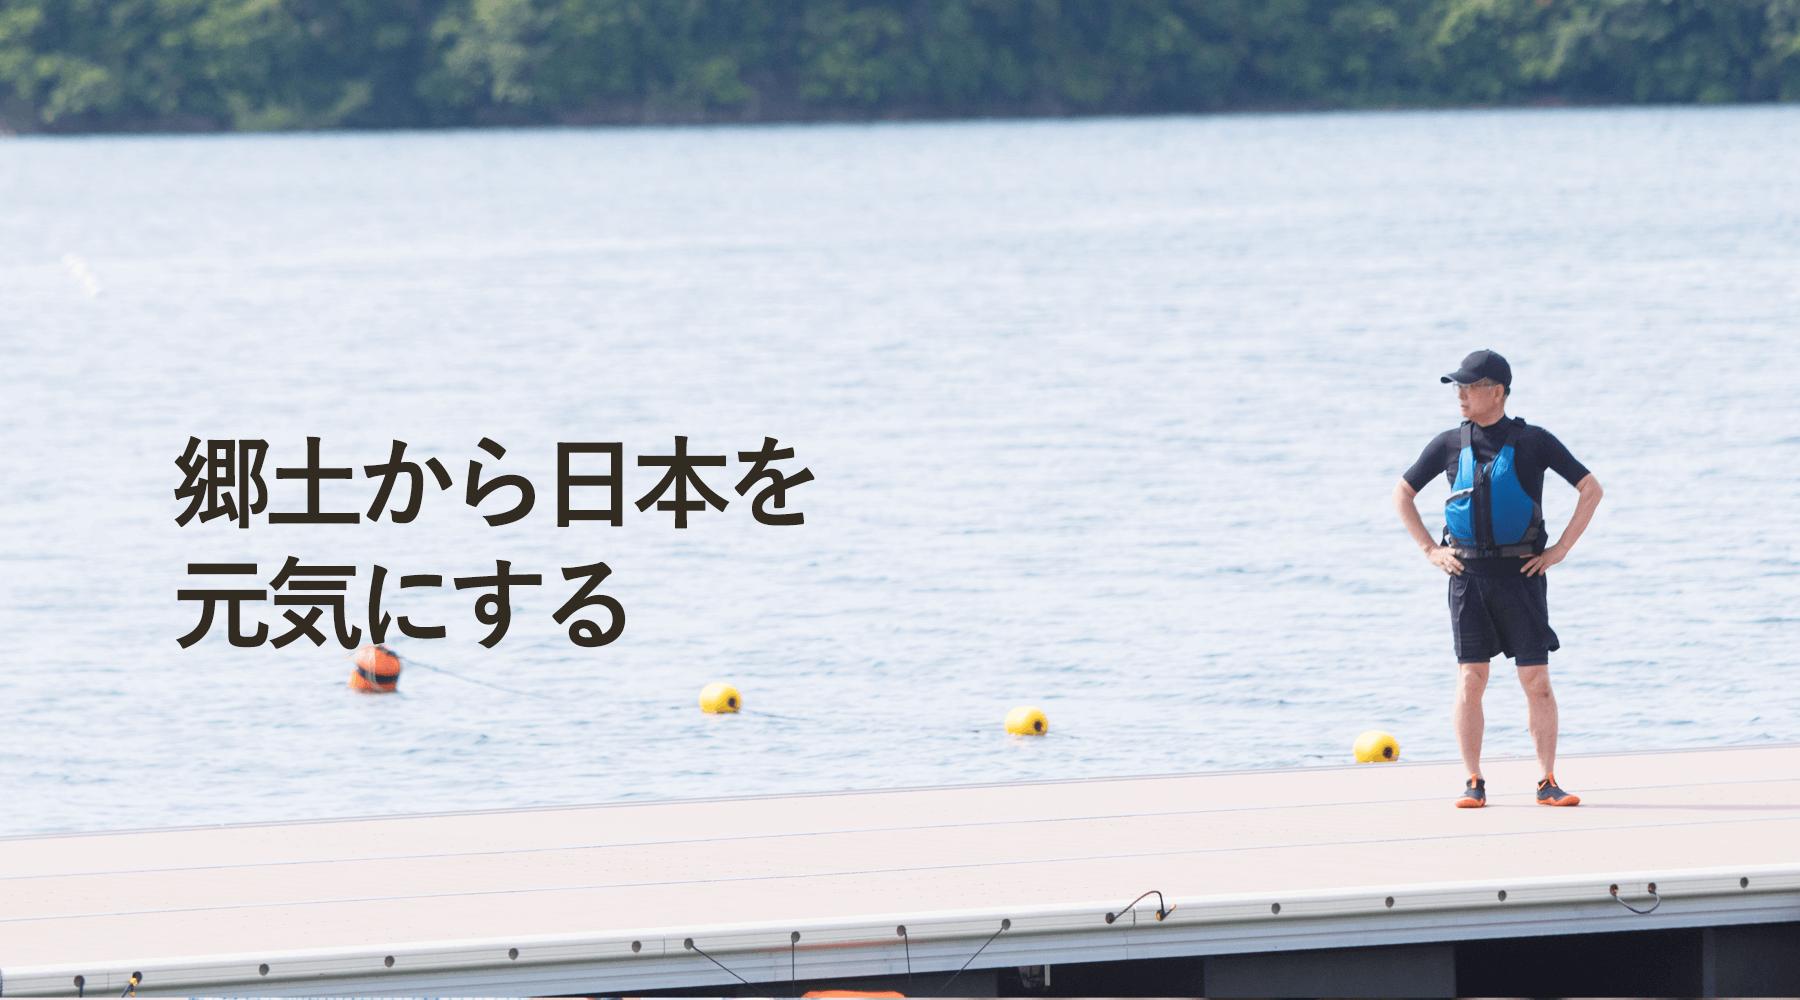 郷土から日本を元気にする